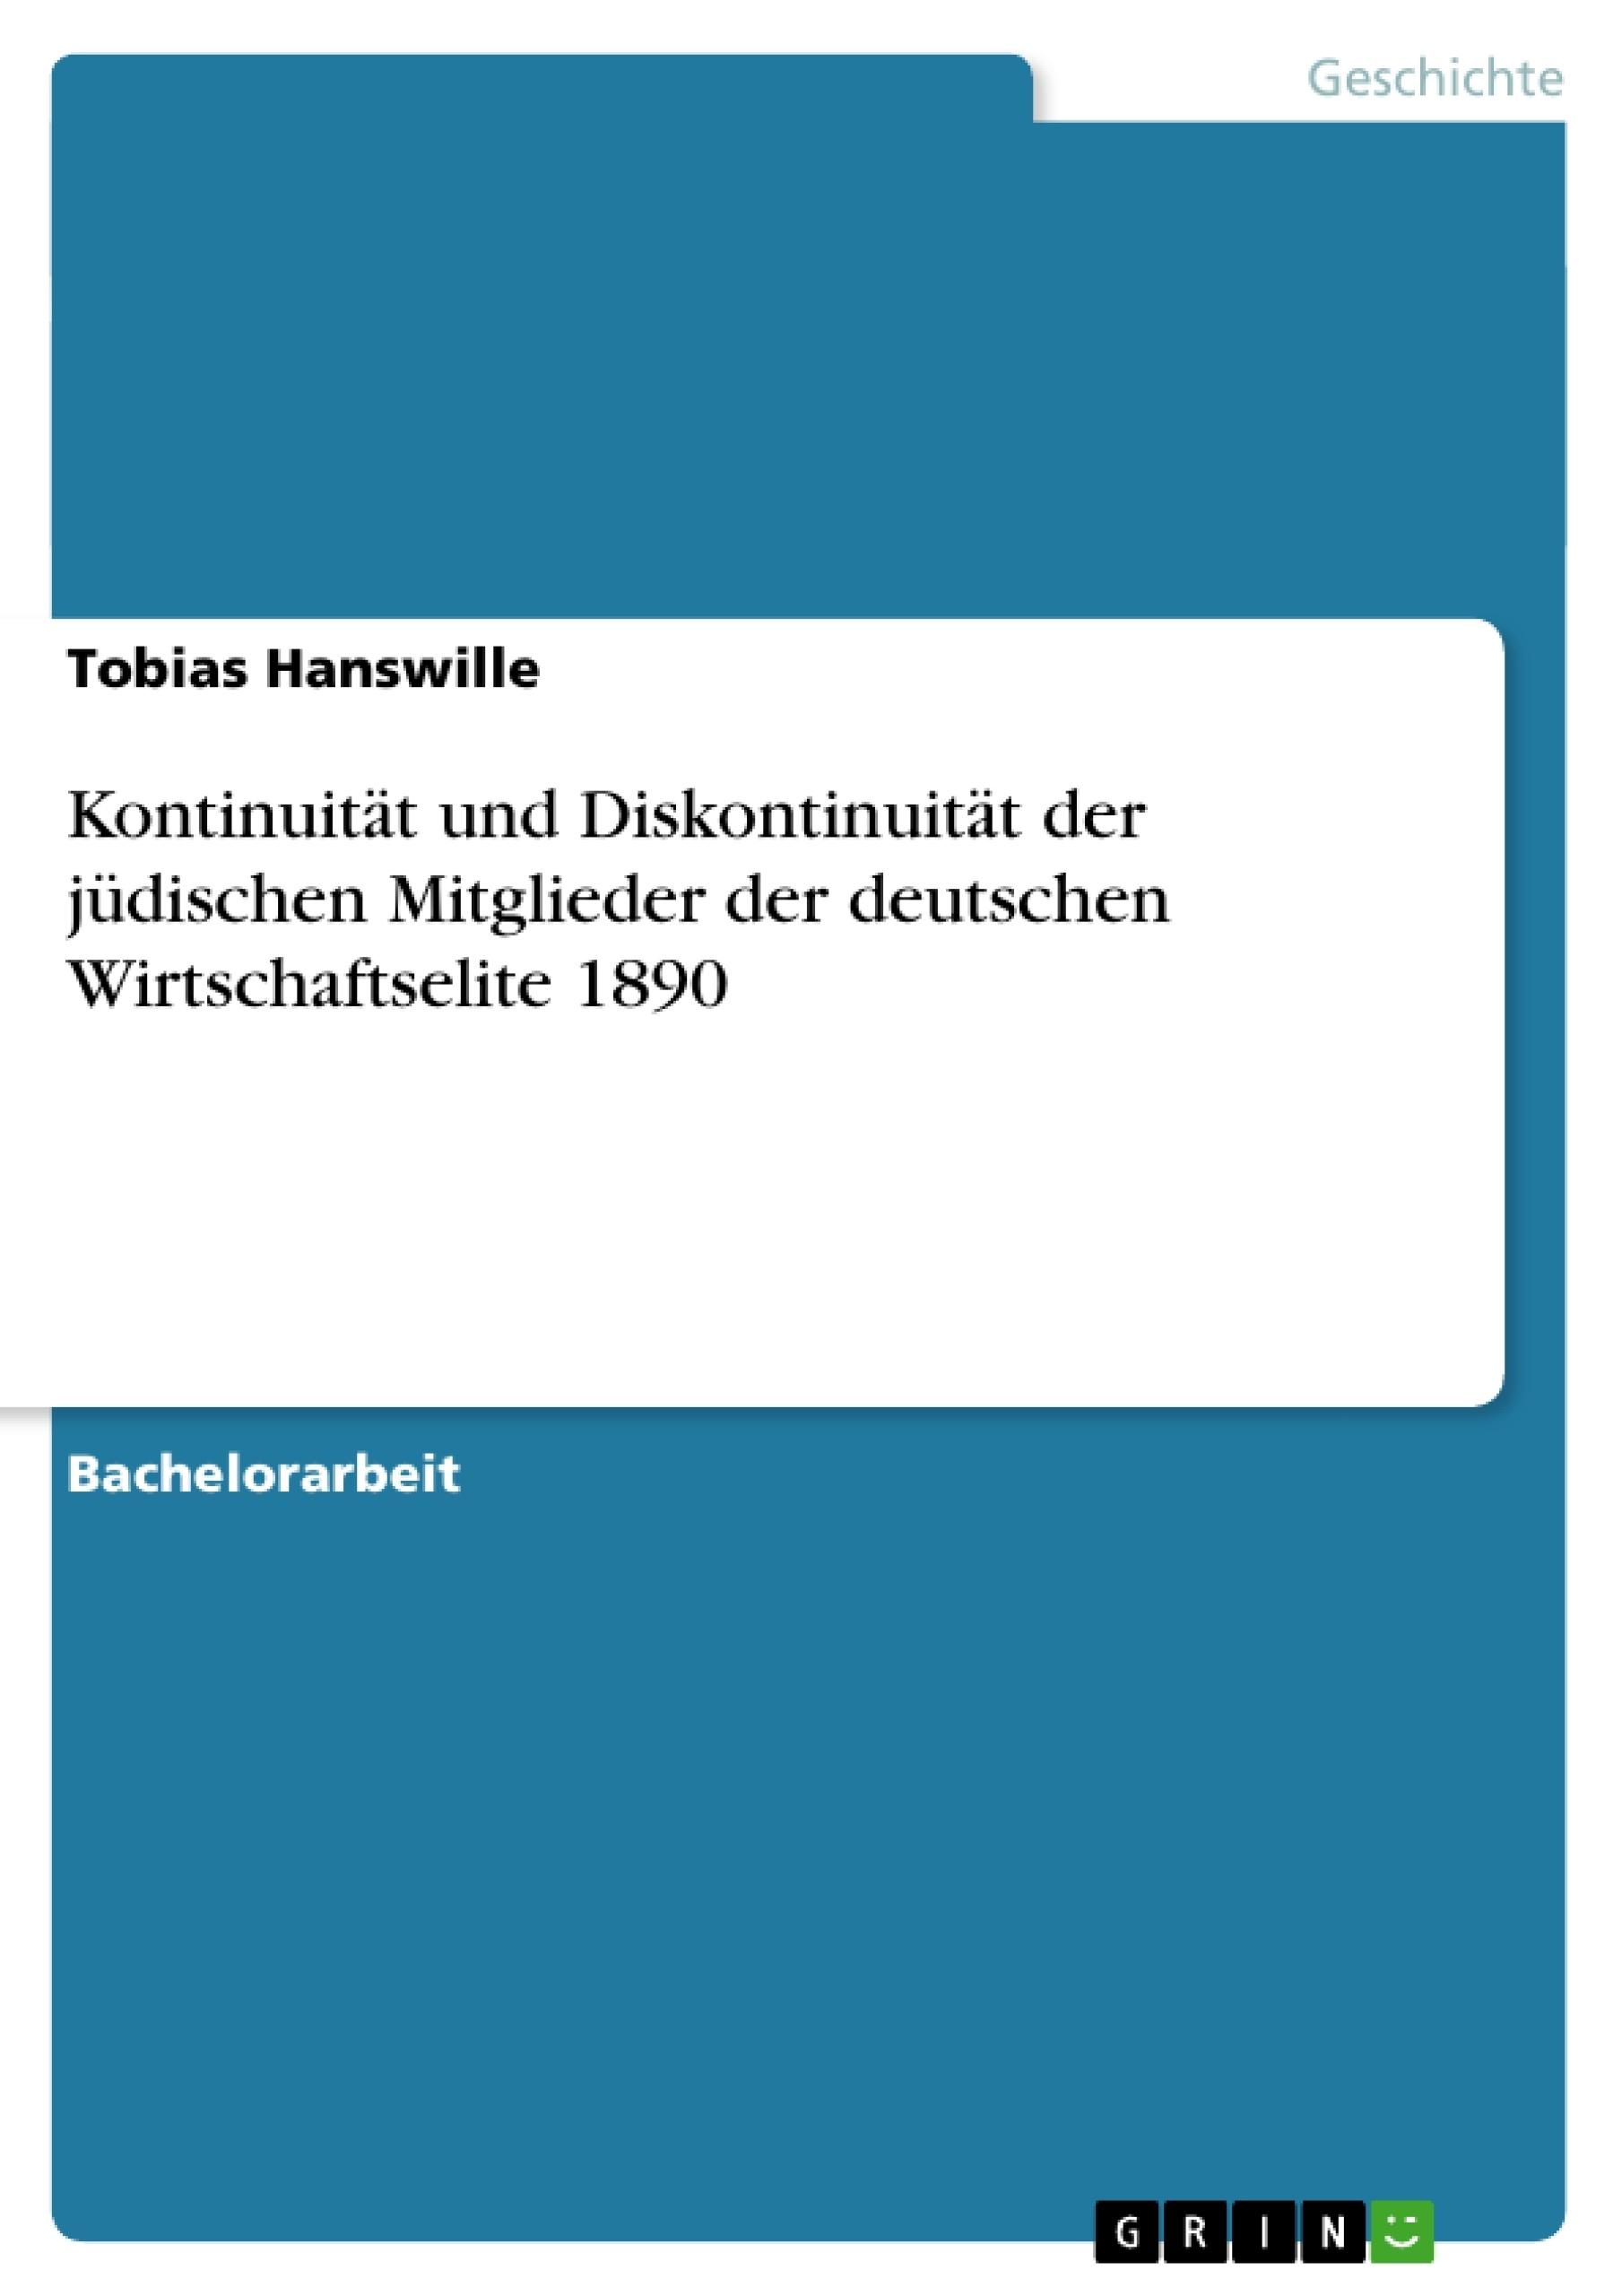 Titel: Kontinuität und Diskontinuität der jüdischen Mitglieder der deutschen Wirtschaftselite 1890